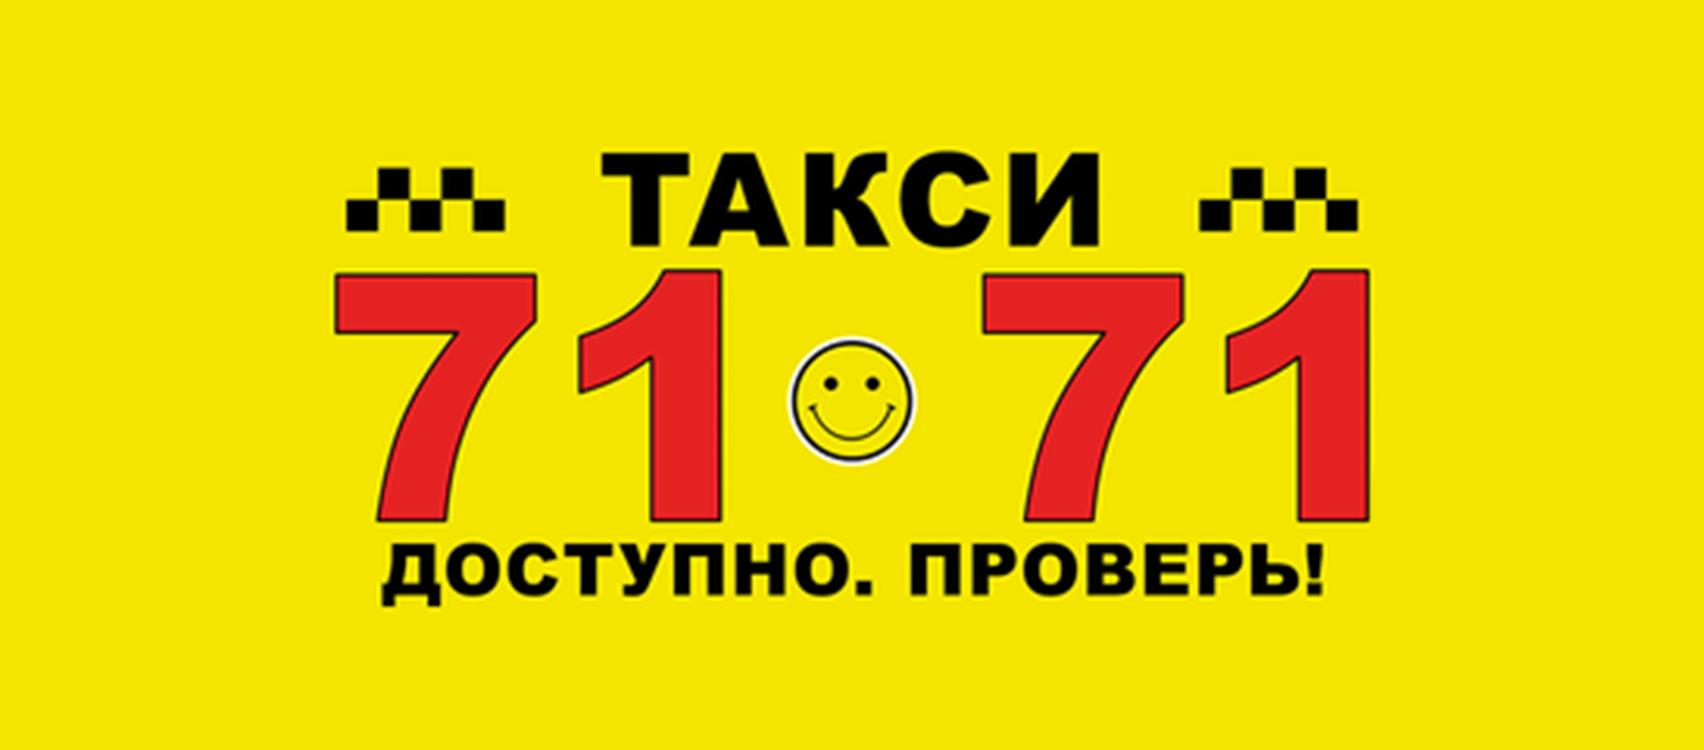 Таксі 71-71  (Харків)